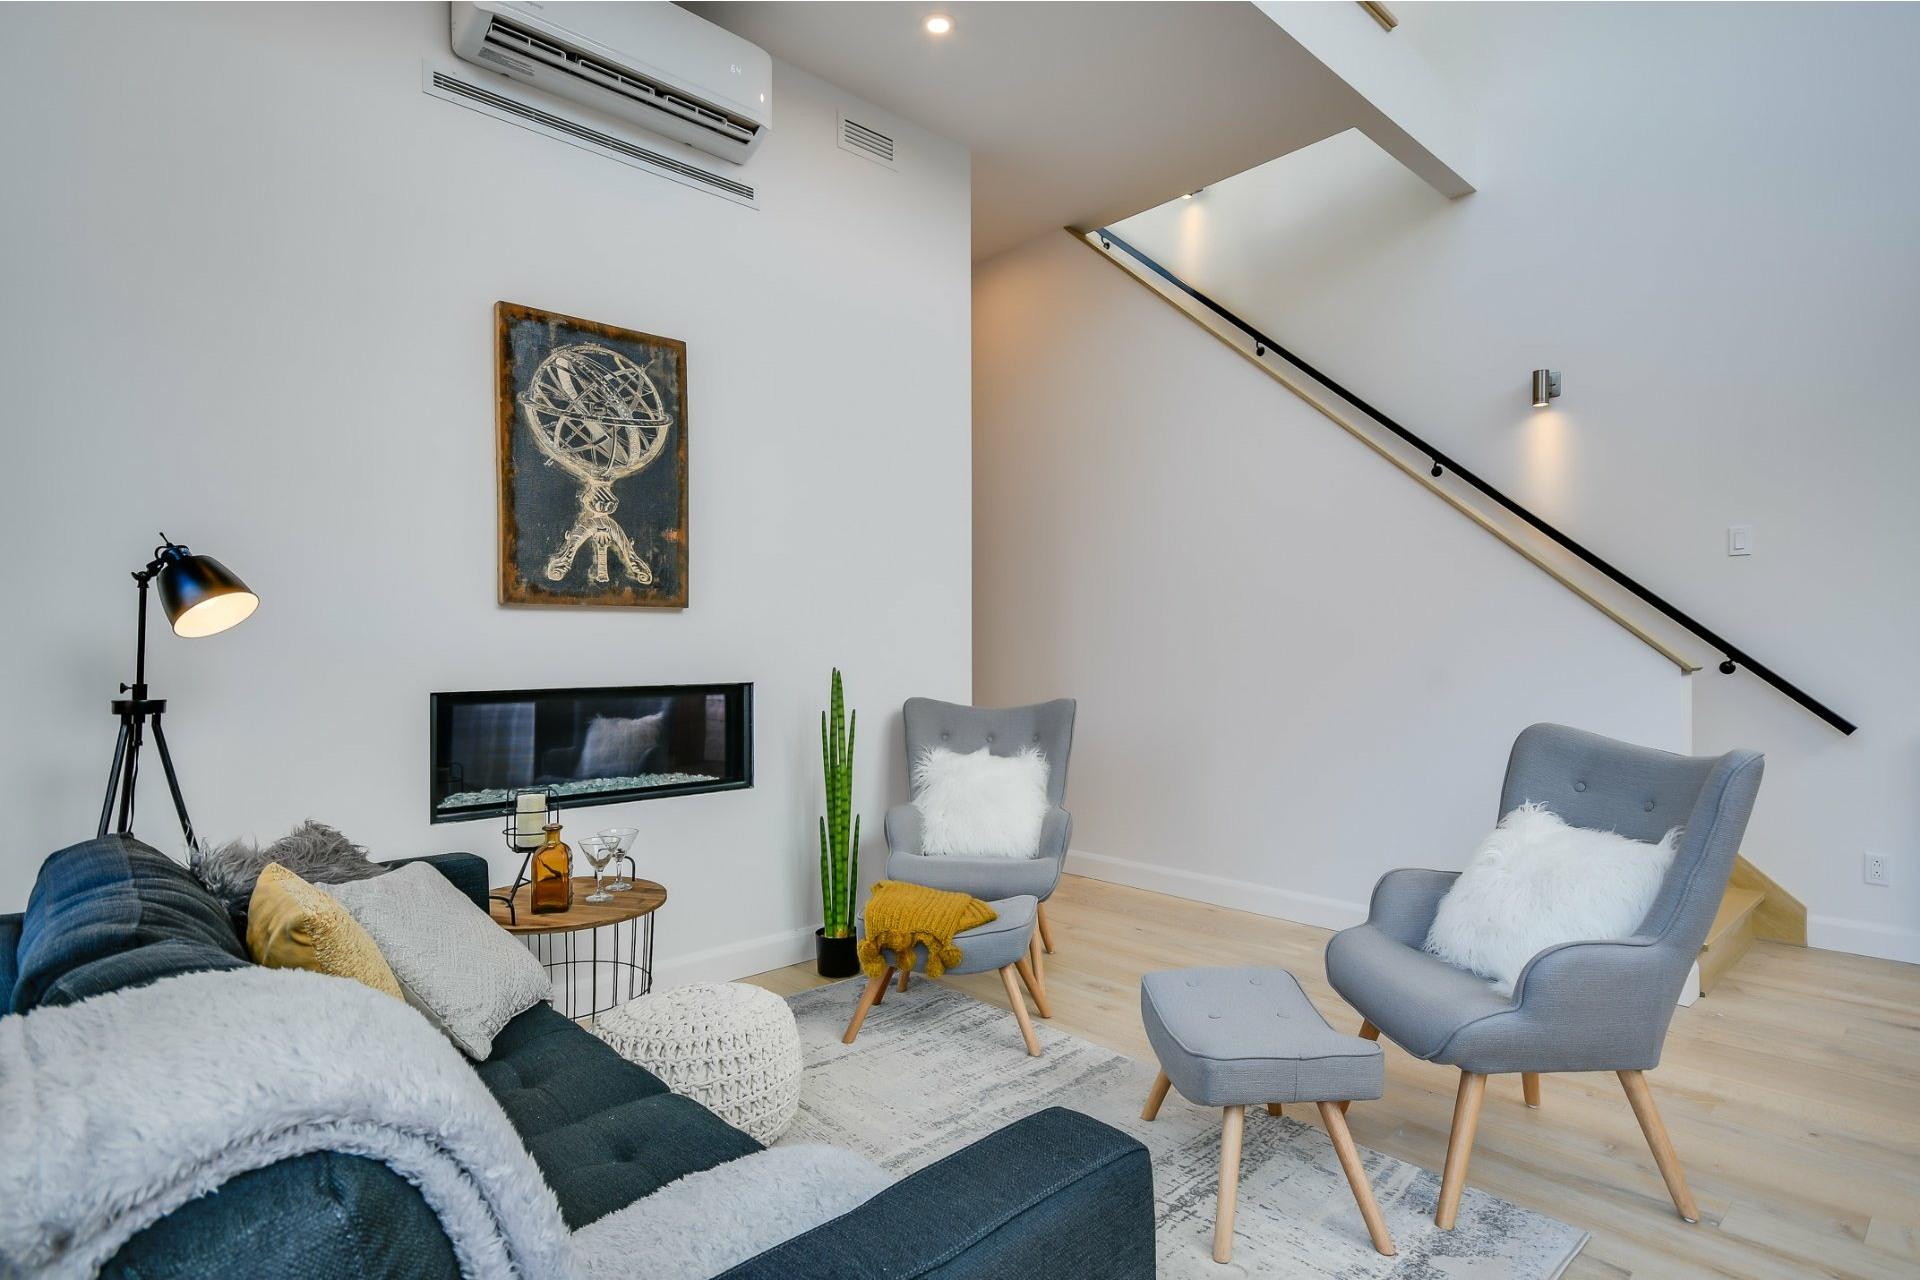 image 10 - Apartment For sale Villeray/Saint-Michel/Parc-Extension Montréal  - 7 rooms